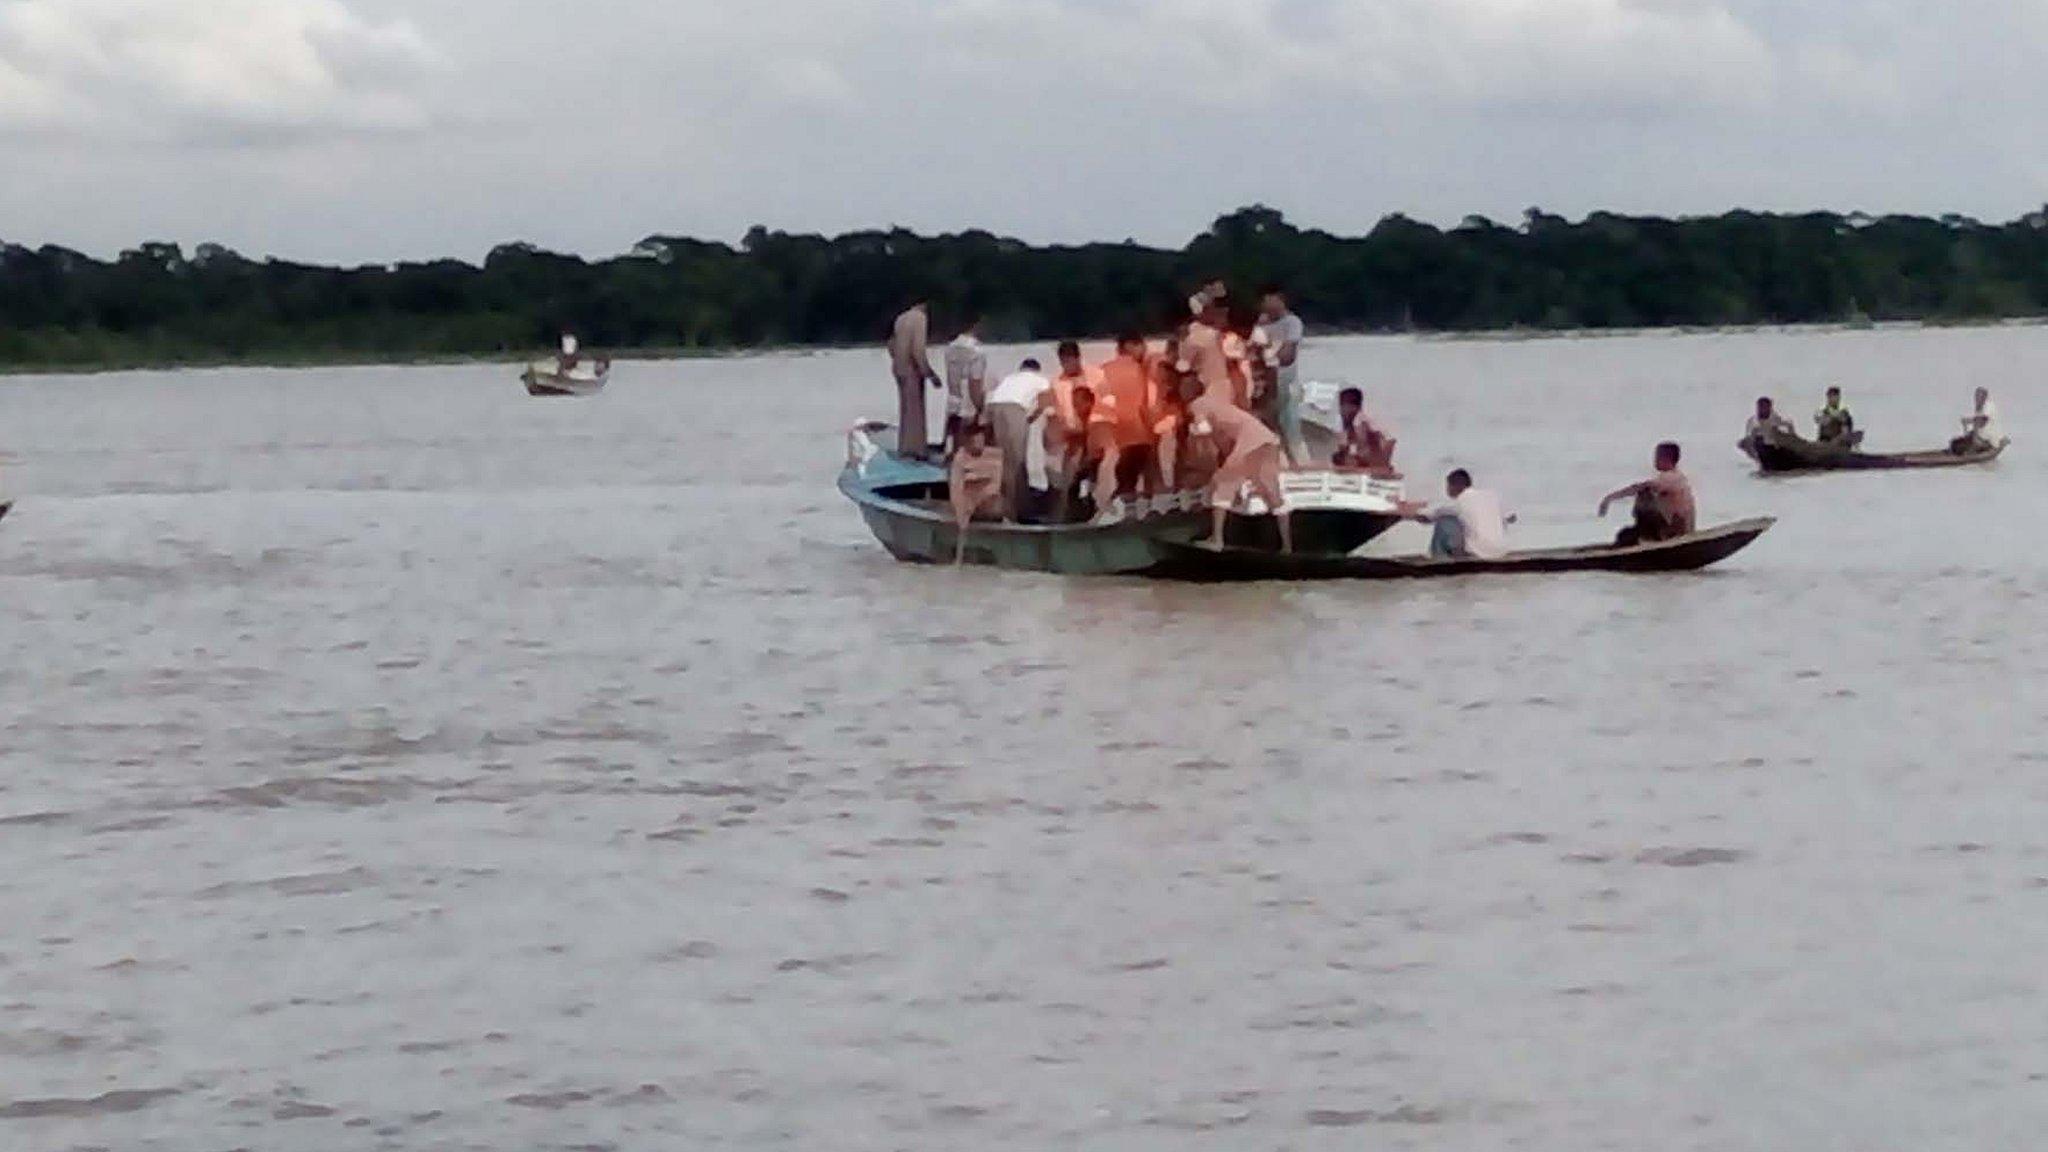 বরিশালে লঞ্চডুবি: উদ্ধার হয়েছে ১৩টি লাশ